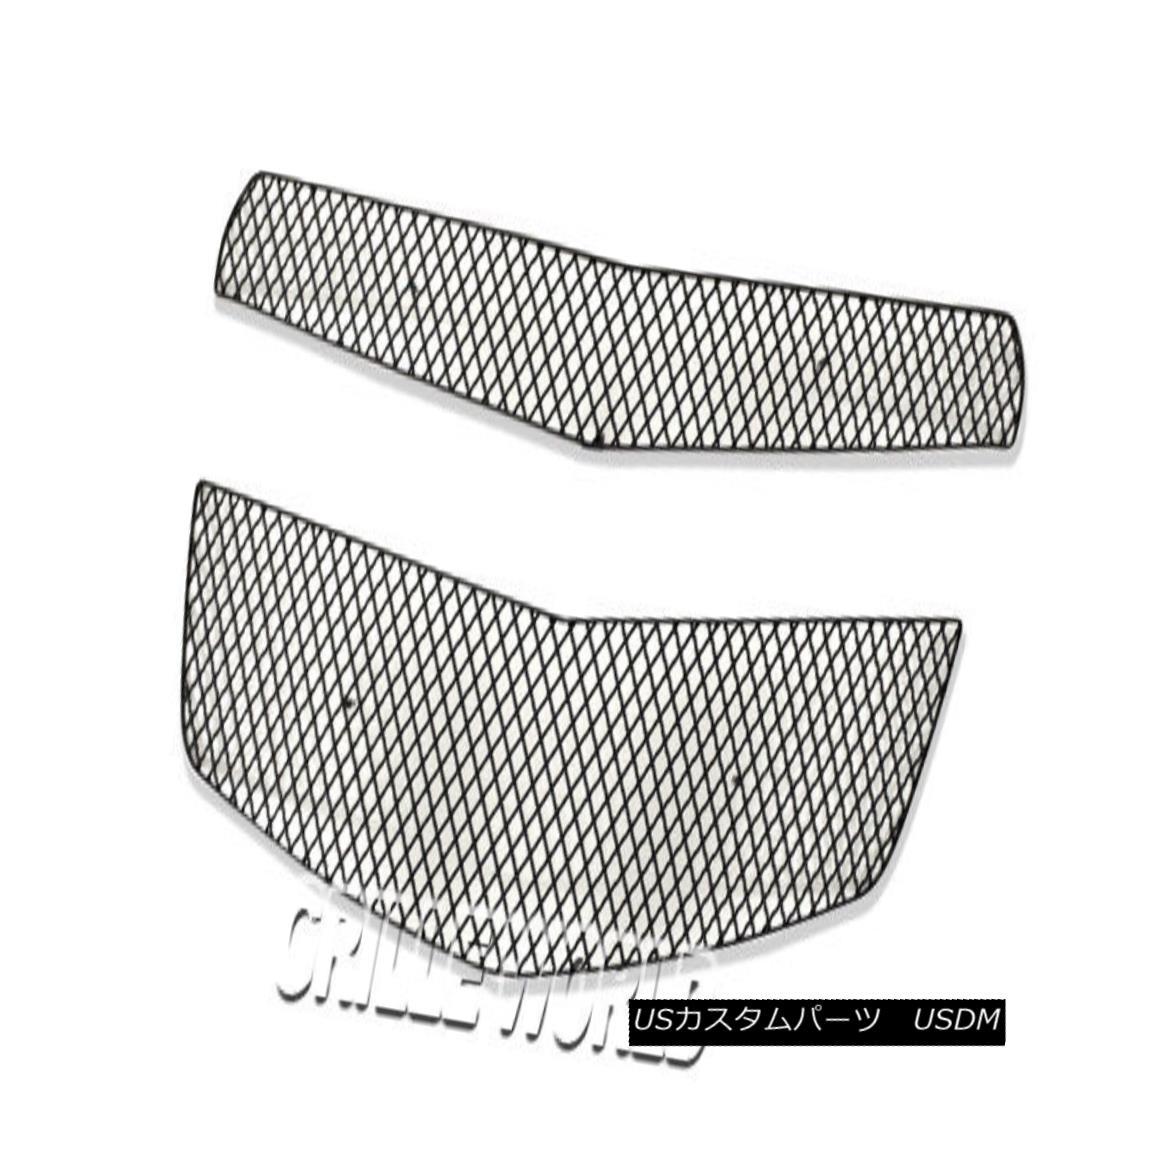 グリル For 2010-2015 Chevy Equinox Black Stainless Steel X Mesh Grille Insert 2010-2015シボレーエクイノックスブラックステンレススチールメッシュグリルインサート